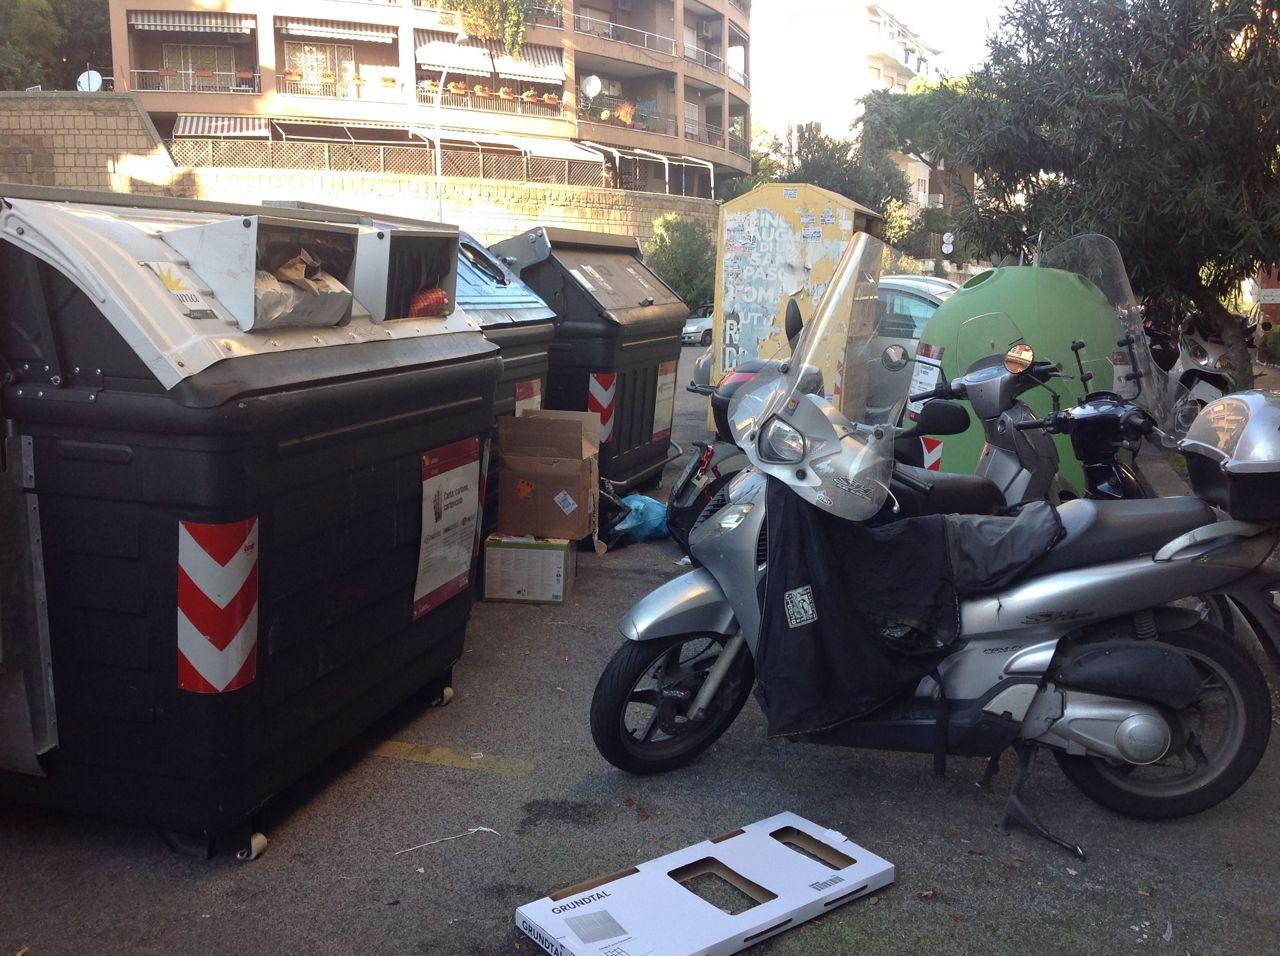 Via friggeri superata piazza della balduina for Piazza balduina